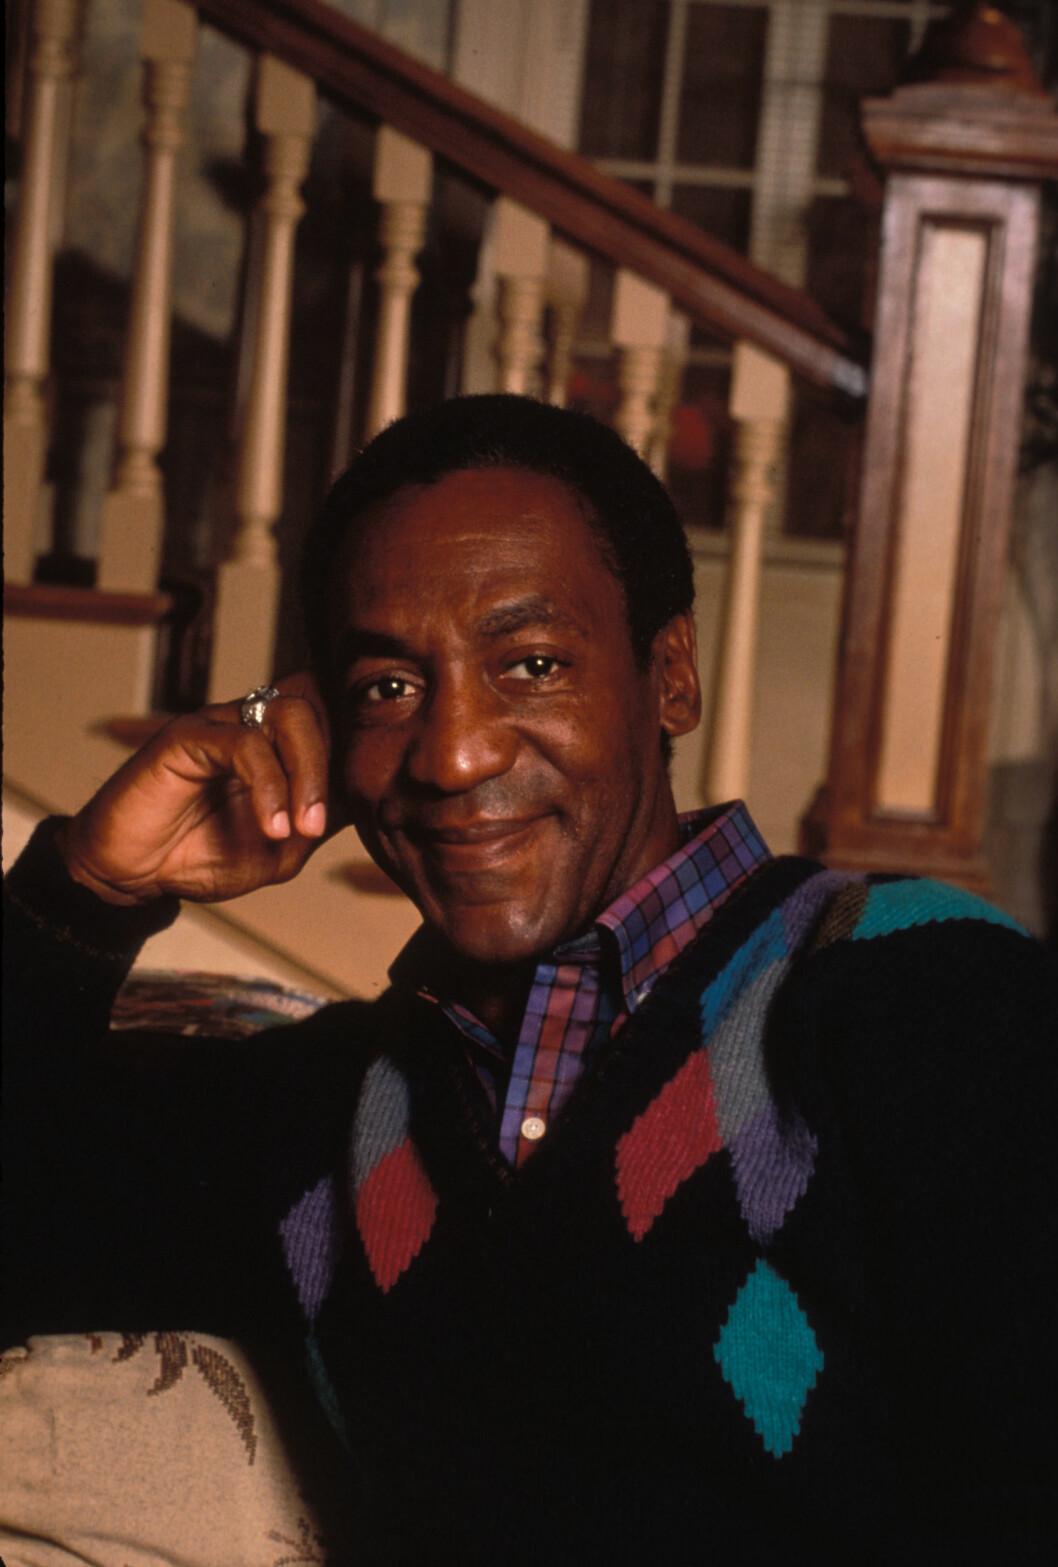 <strong>TV-STJERNE:</strong> På 1980- og starten av 90-tallet gjorde Bill Cosby suksess med familiekomedien «The Cosby Show». I dag sliter han med haltende helse og en rekke alvorlige overgrepsanklager.  Foto: SipaUSA